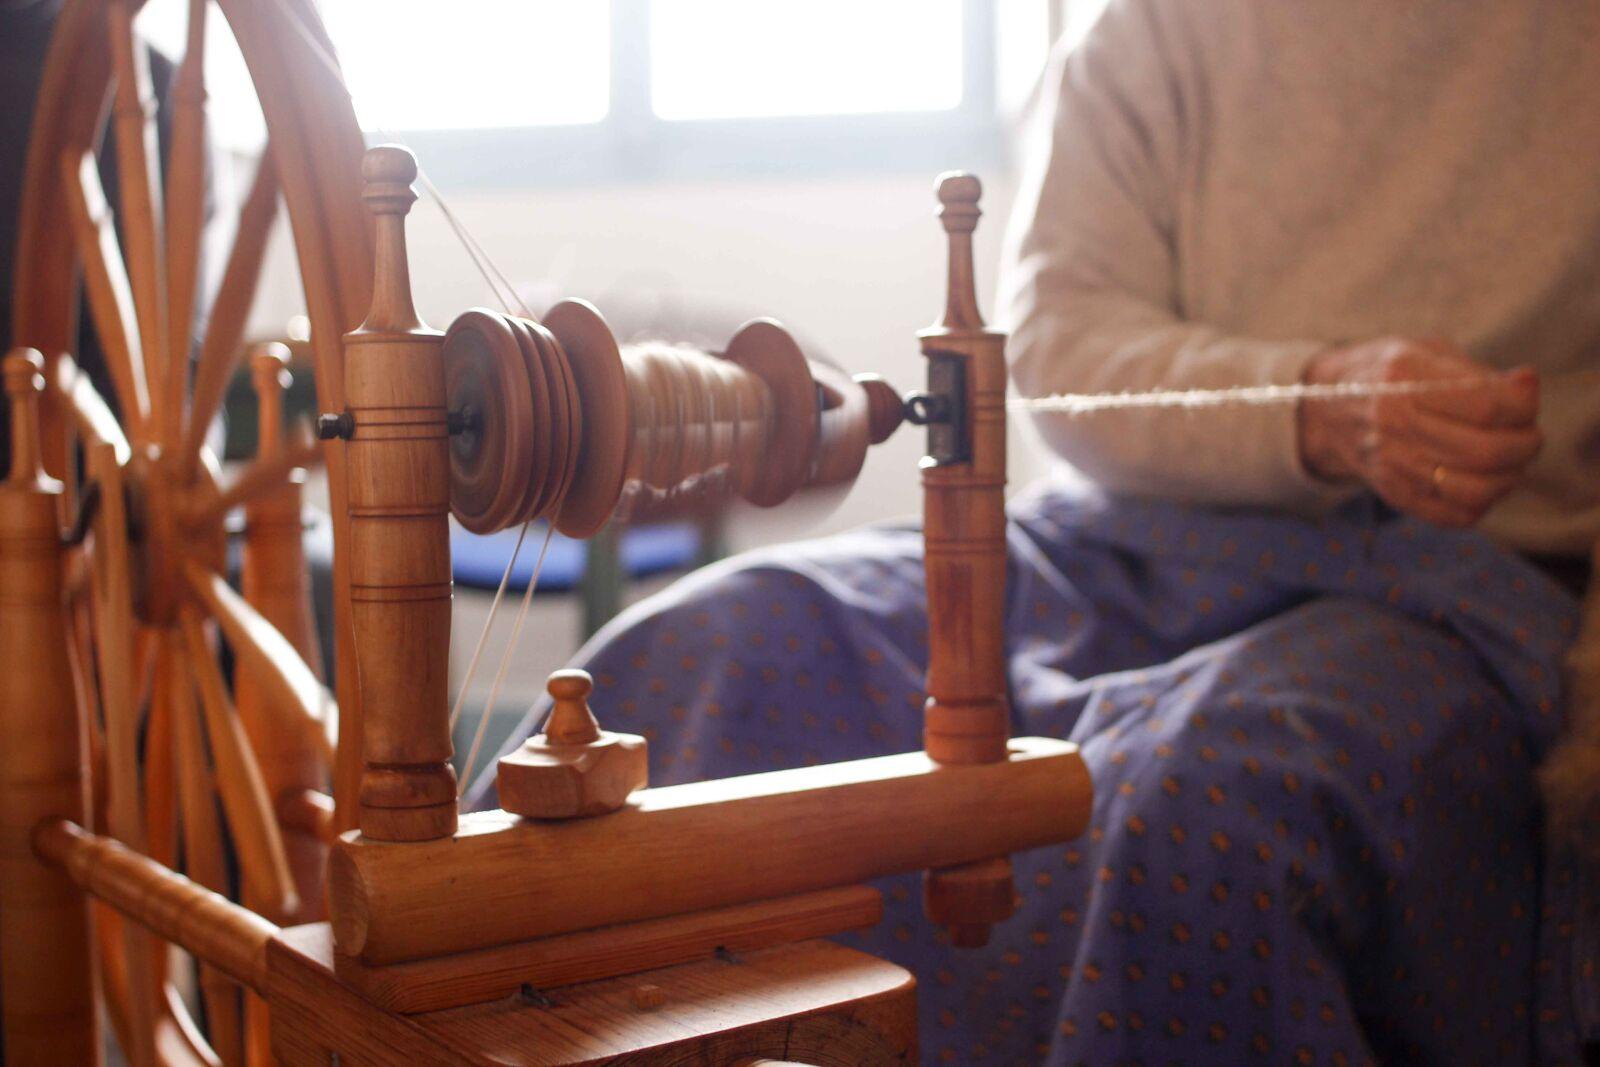 loom, weaving, thread